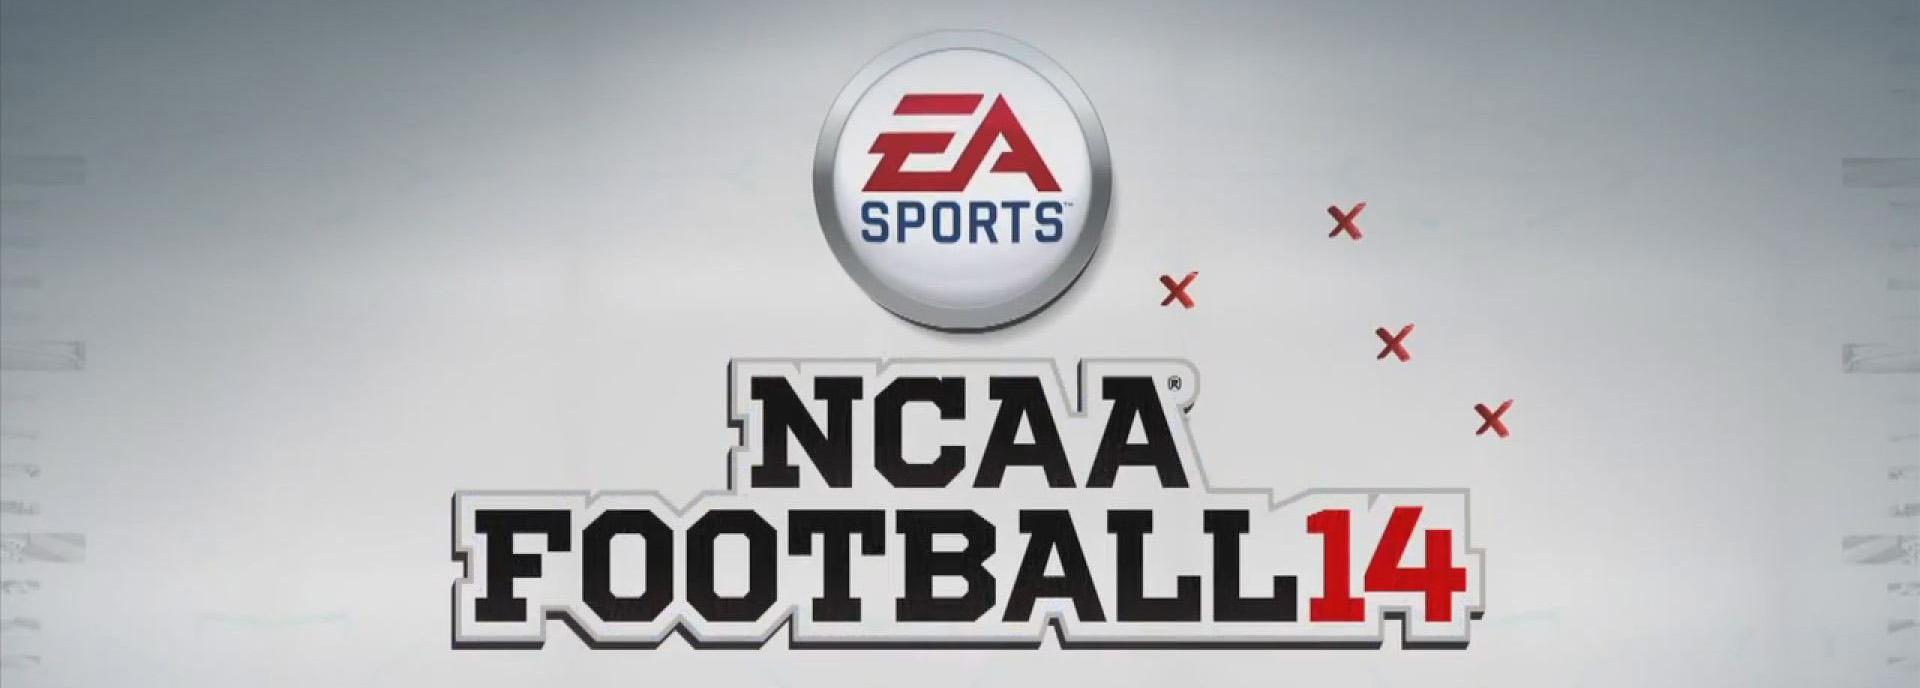 EA Sports NCAA Football 2015